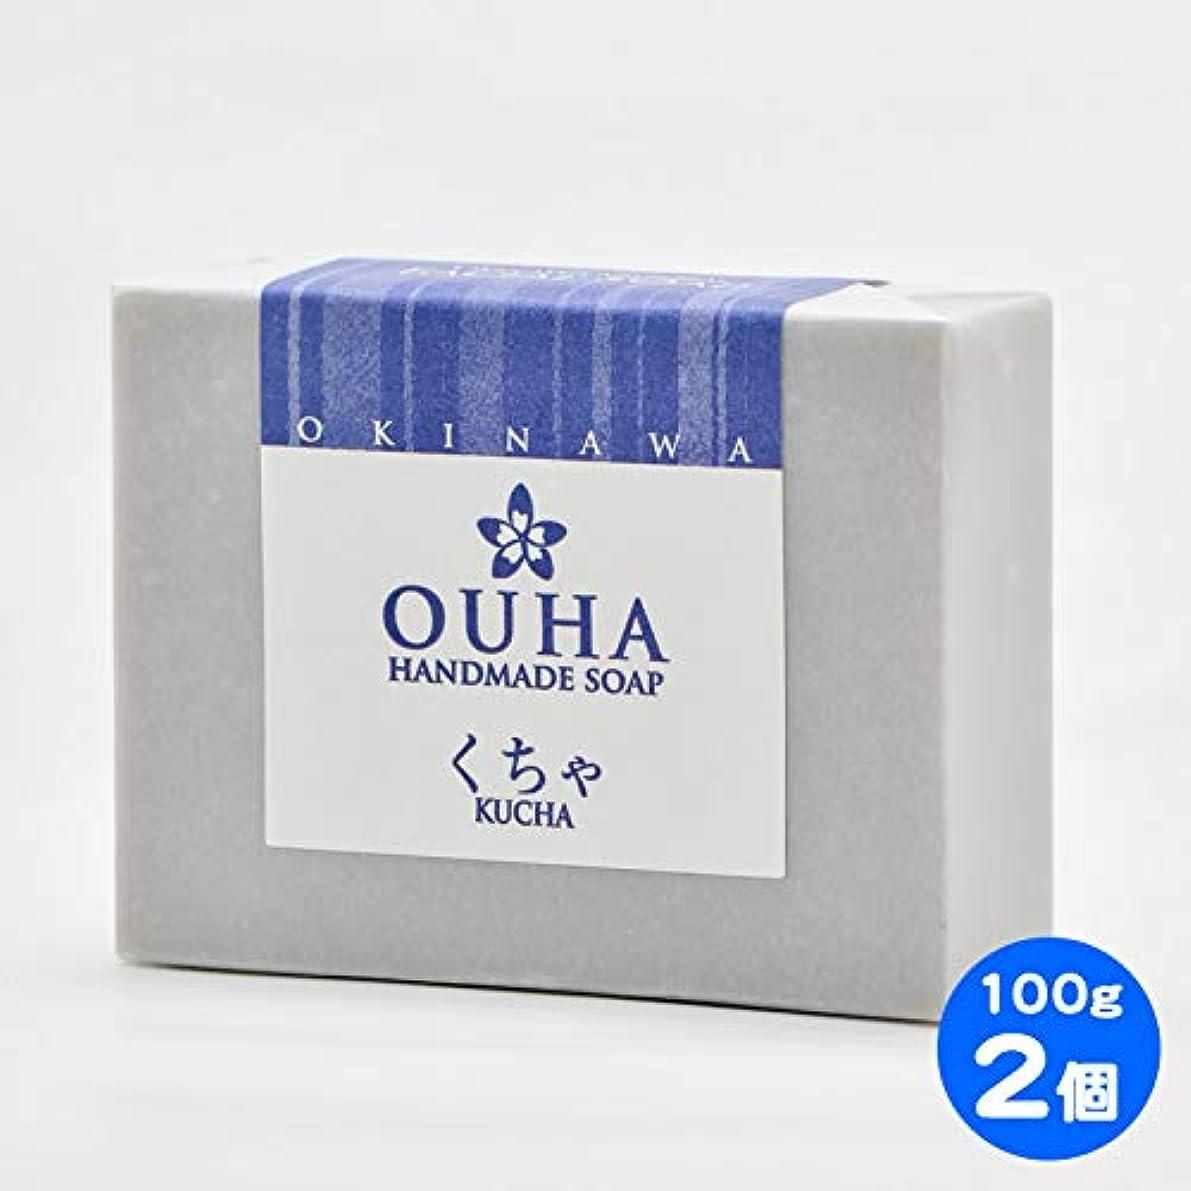 障害者ユーモラス笑い【送料無料 定形外郵便】沖縄県産 OUHAソープ くちゃ 石鹸 100g 2個セット